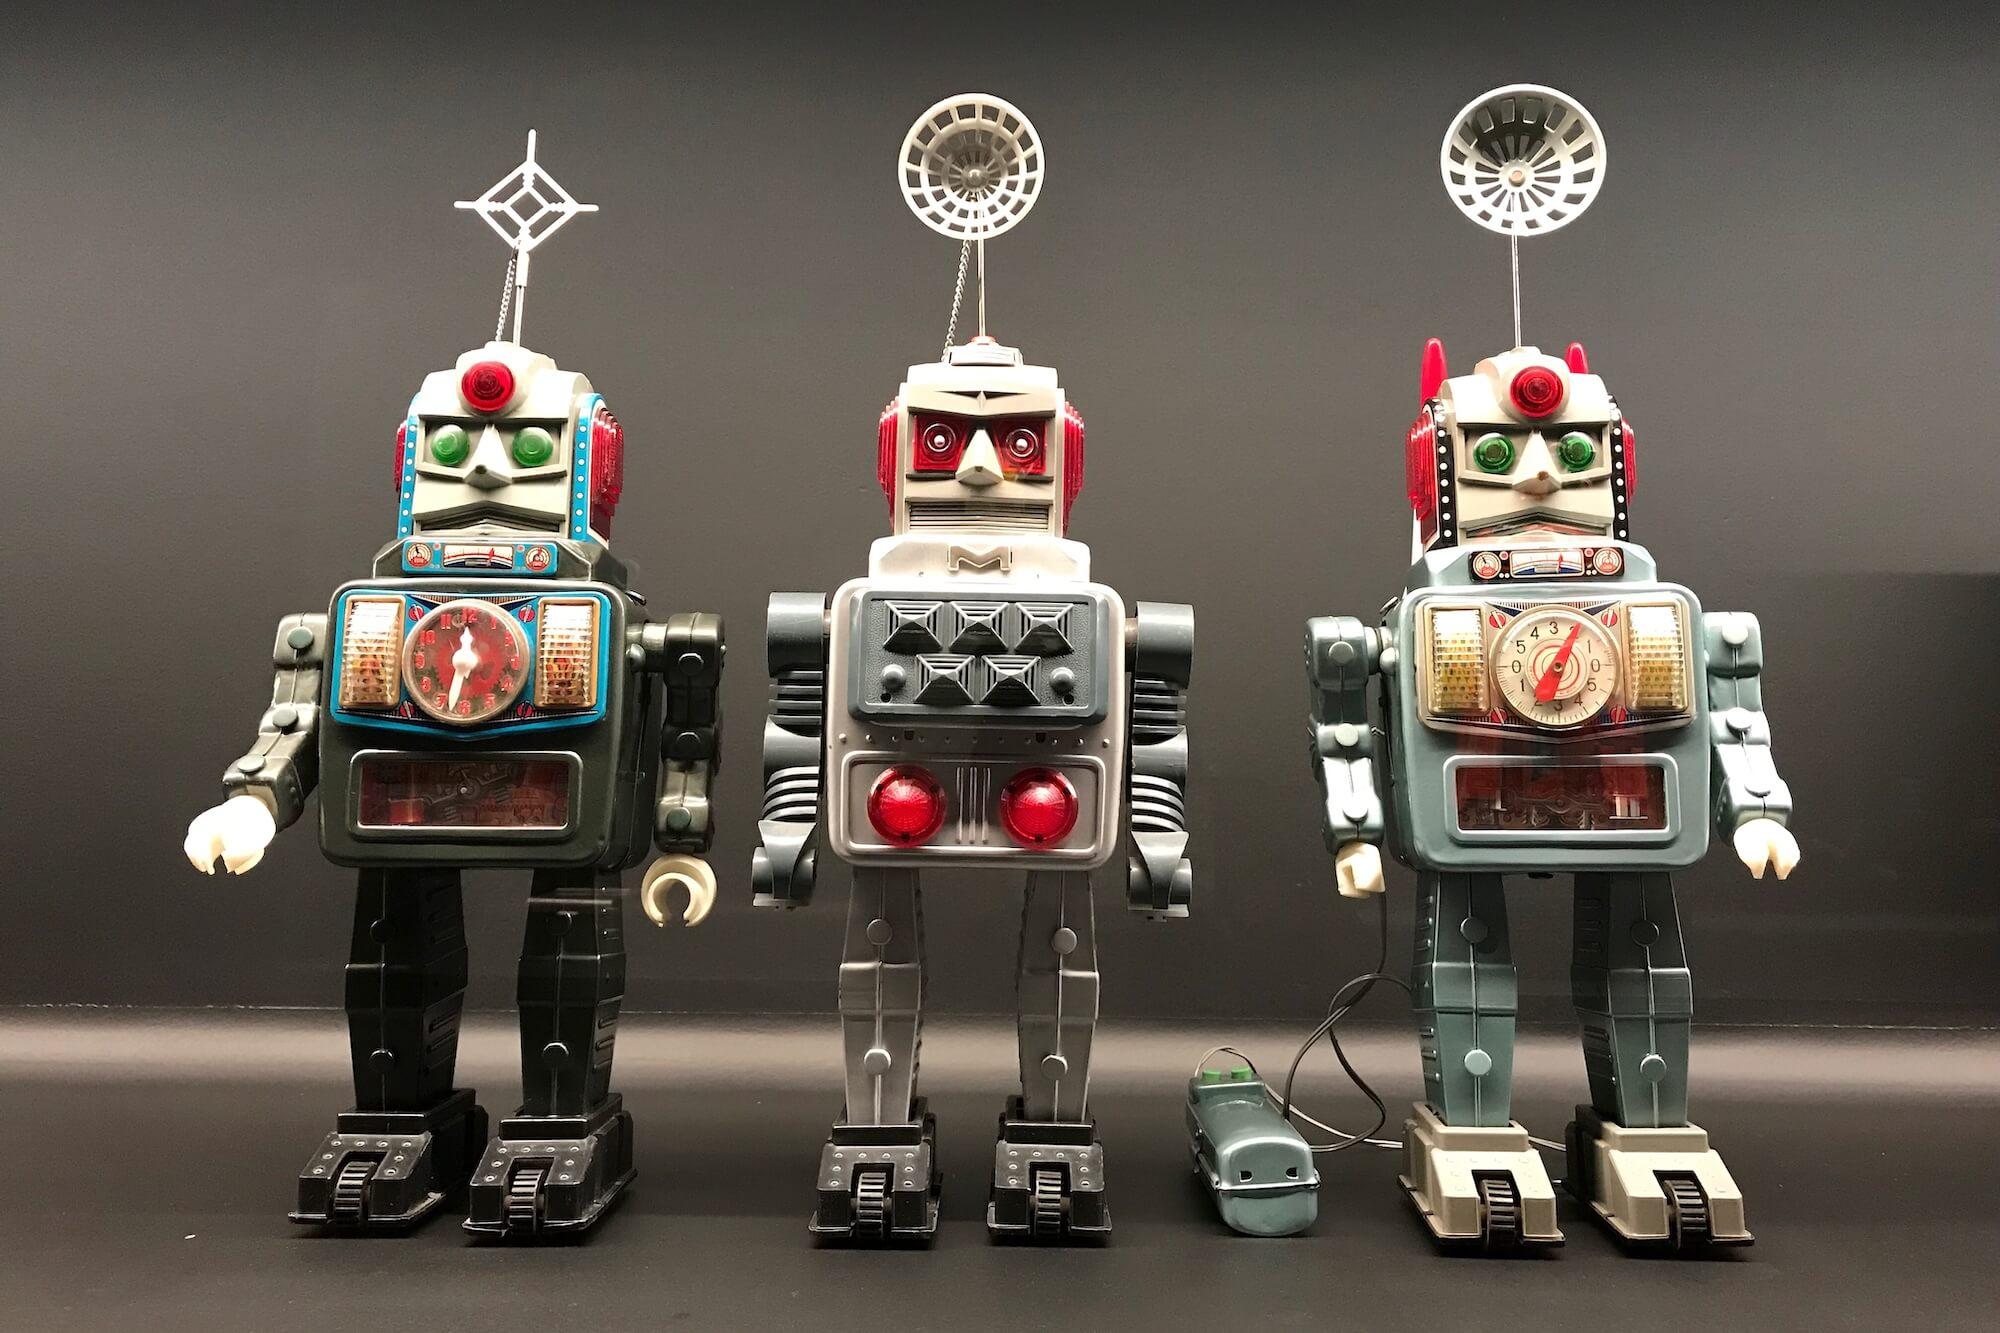 Tipps, Tricks und Tools, wie sich ein ChatBot selbst erstellen lässt - von der Konzeption bis zur Umsetzung, ganz ohne Programmieren.